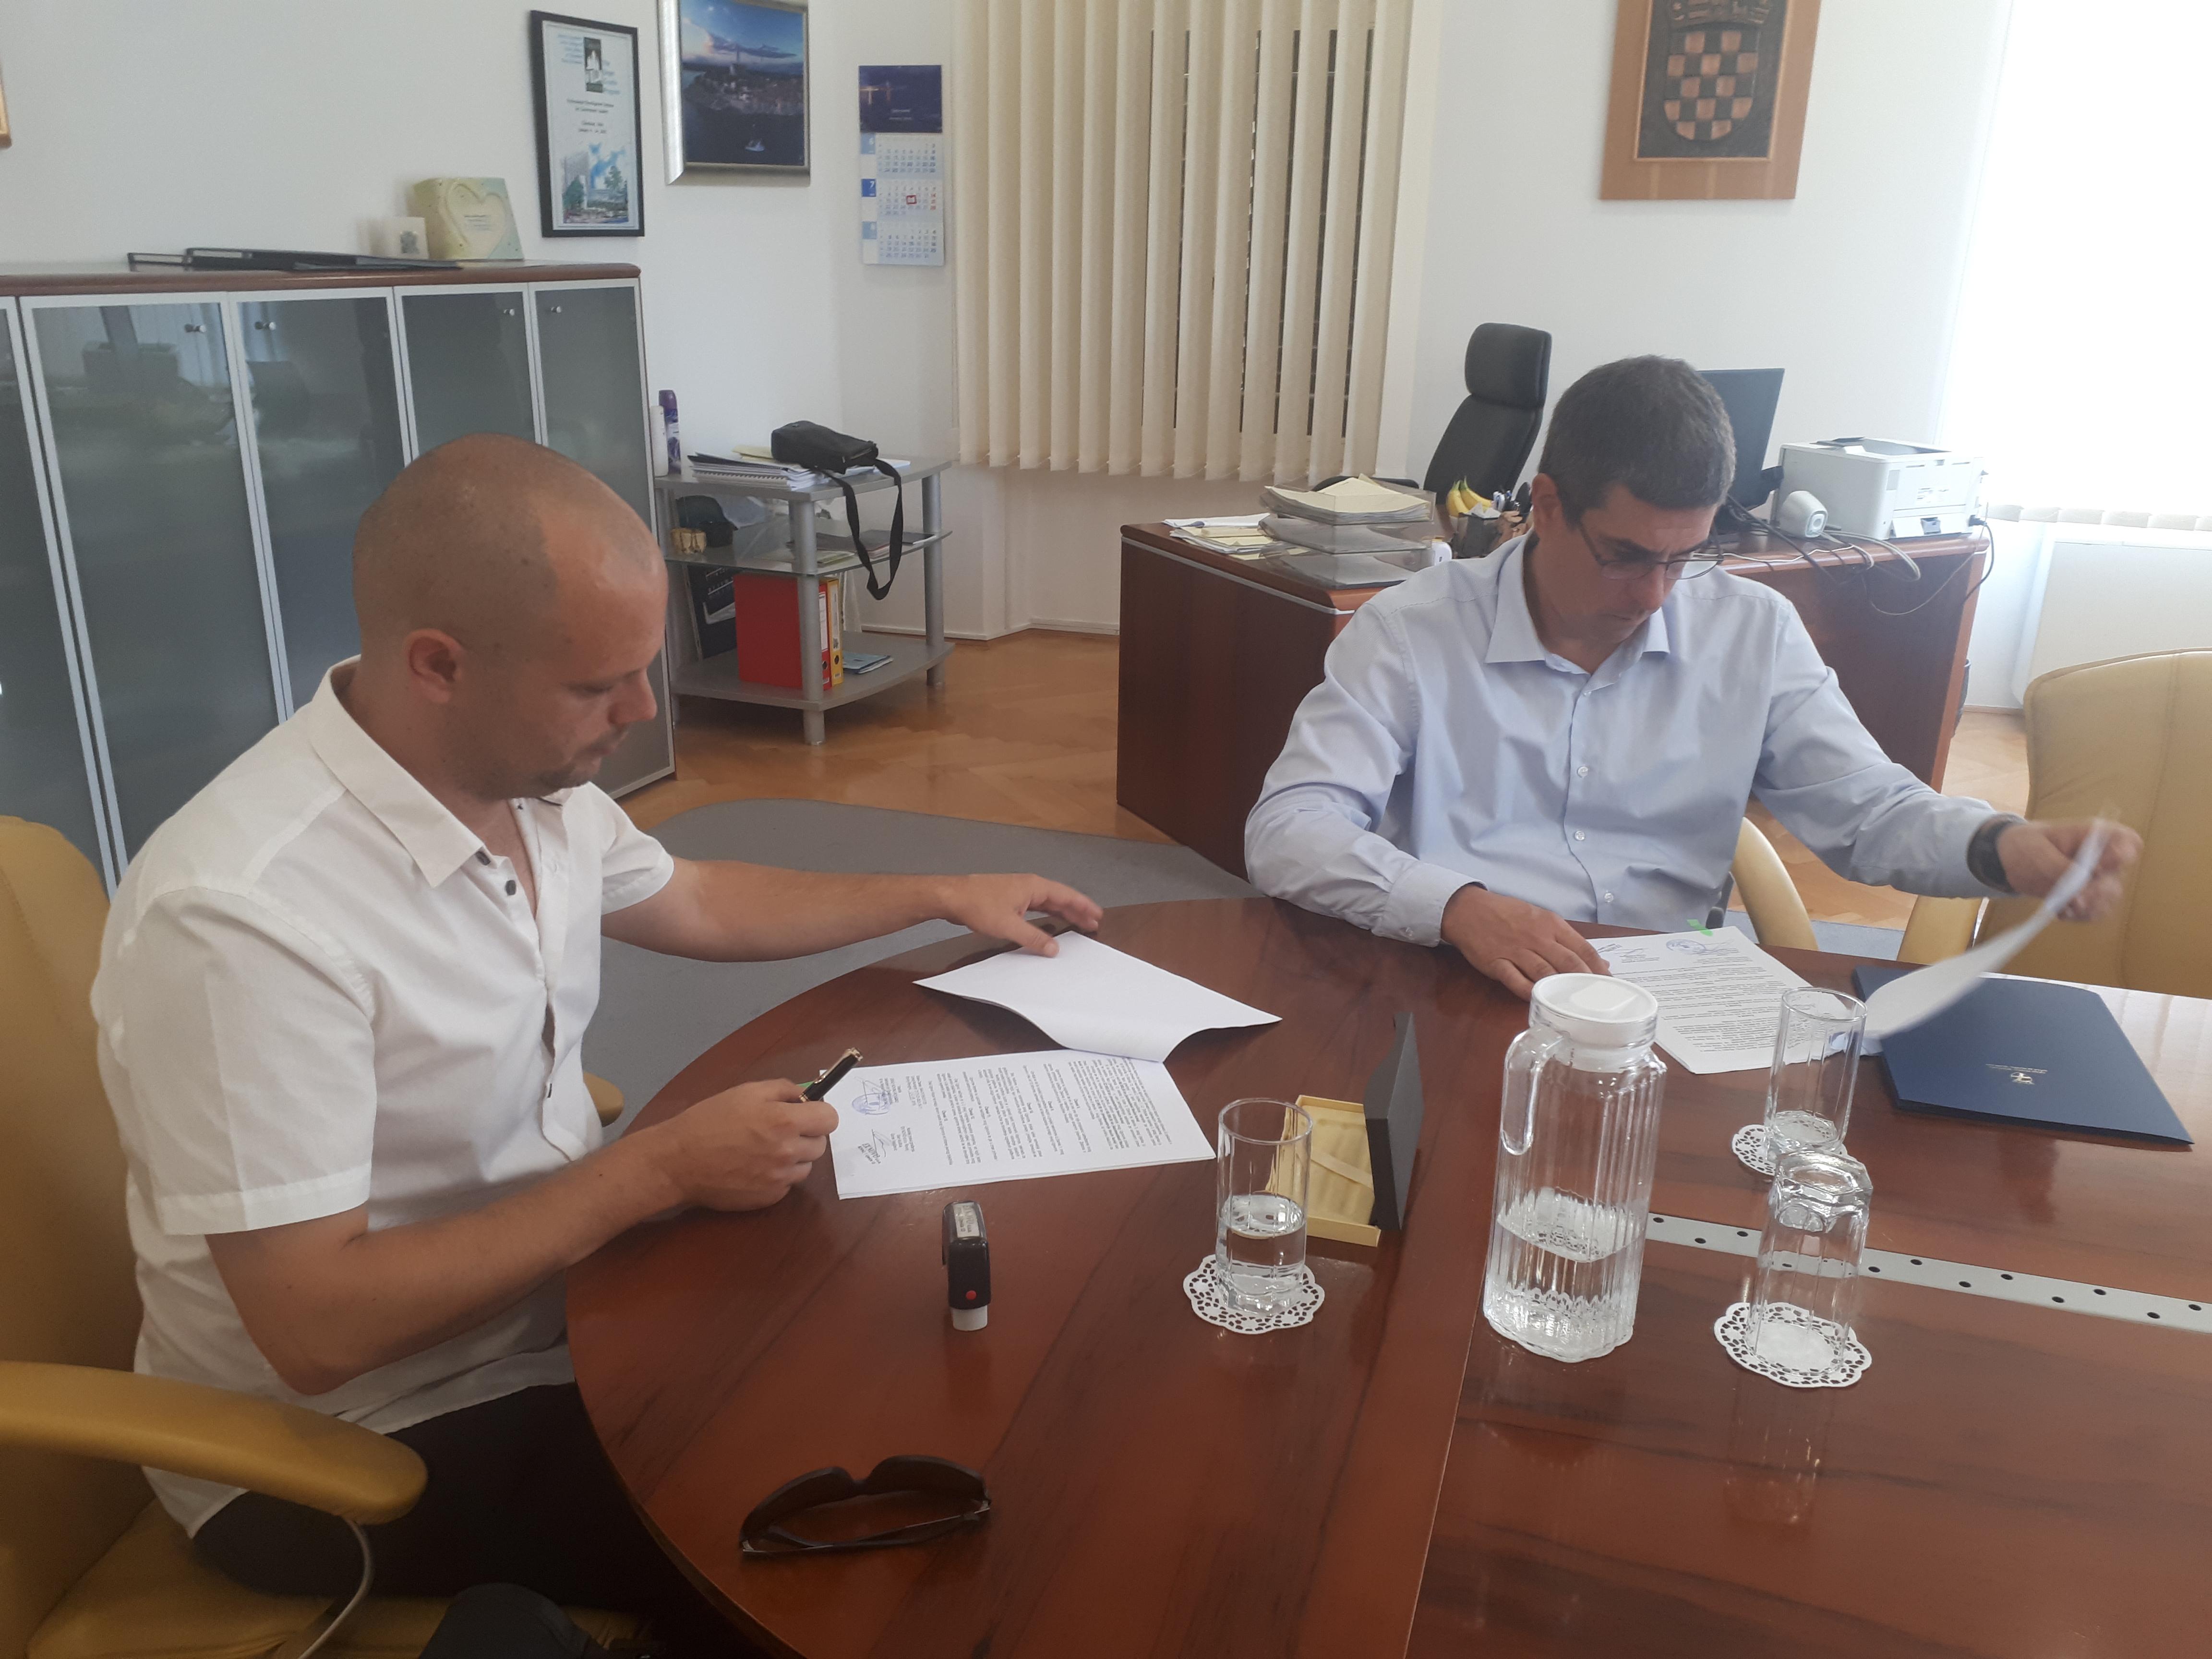 """Potpisan novi Ugovor o osnivanju prava građenja na području poduzetničke zone """"Gripole-Spiné"""""""